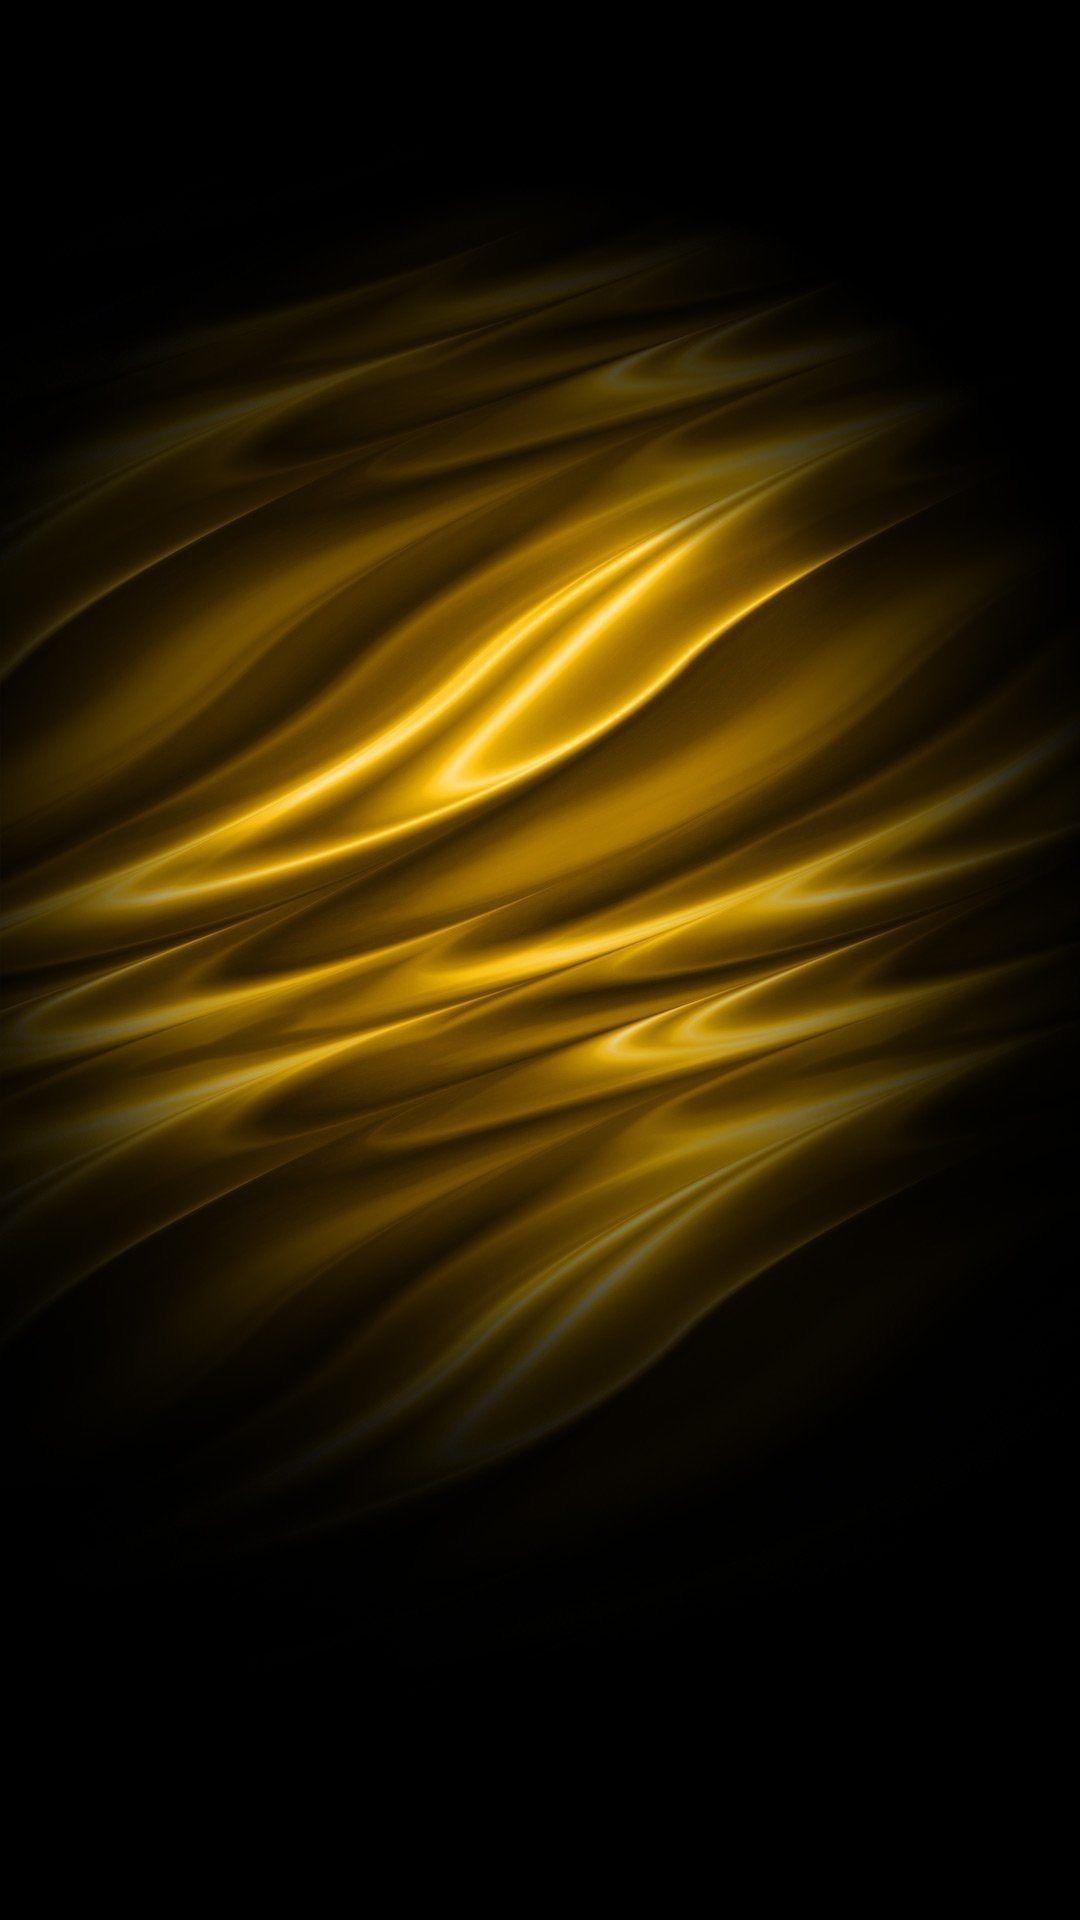 ゴールド Iphonex スマホ壁紙 待受画像ギャラリー スマホ壁紙 壁紙 フラクタルアート